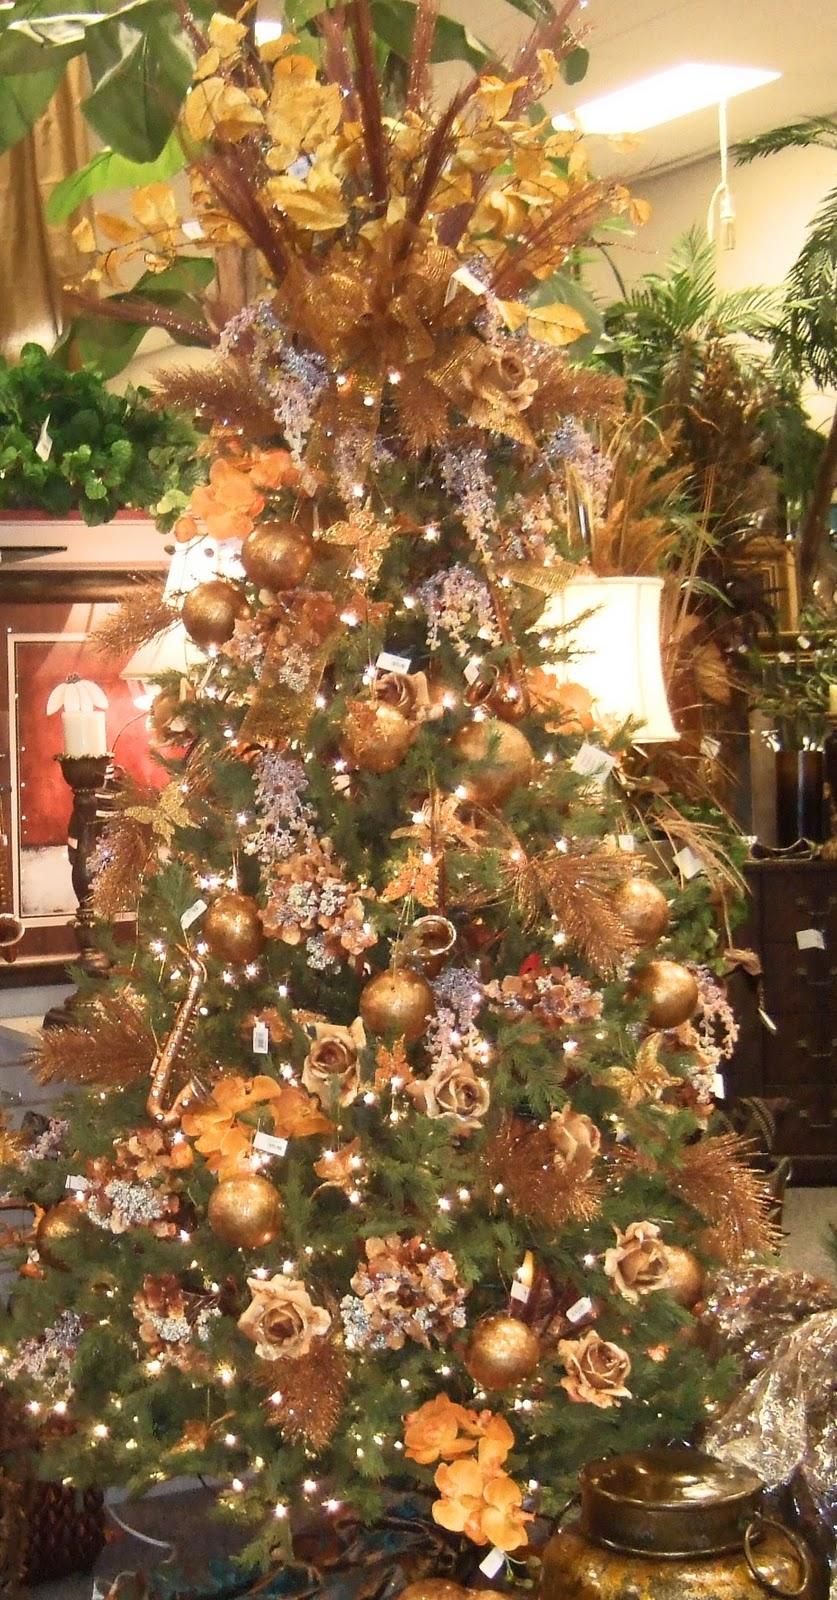 Christmas Trees On Wall